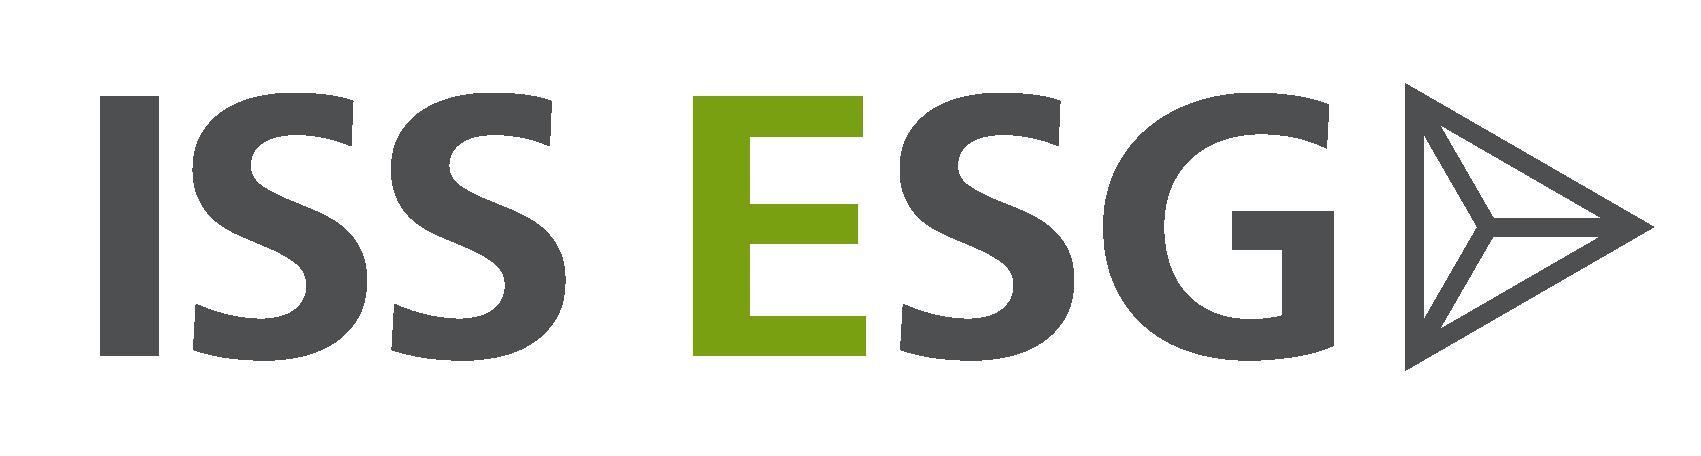 iss-esg-logo